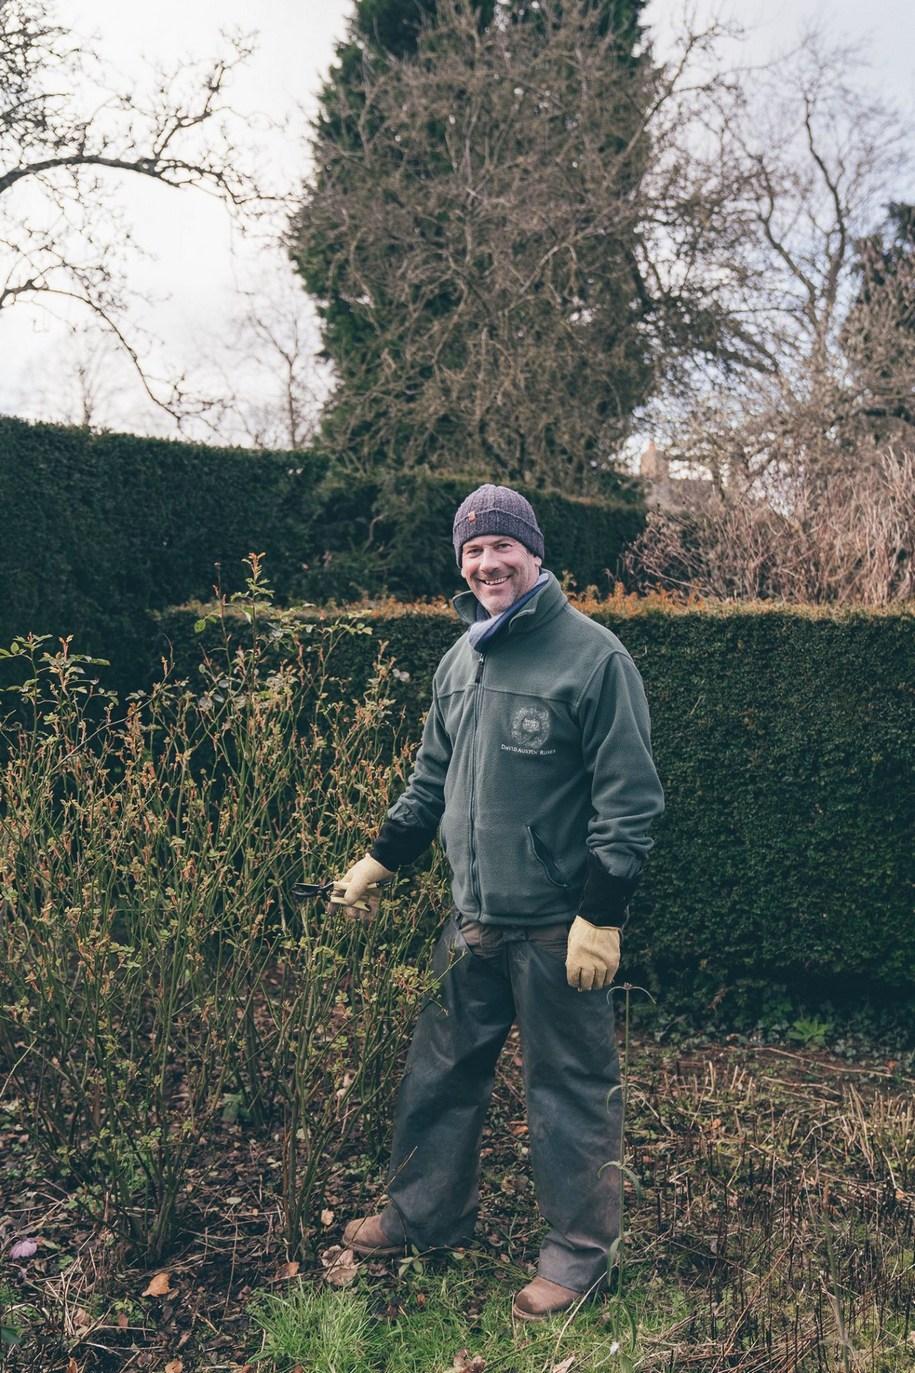 Весняне обрізування троянд проводиться до початку вегетації: кінець лютого-березень, в залежності від погоди.